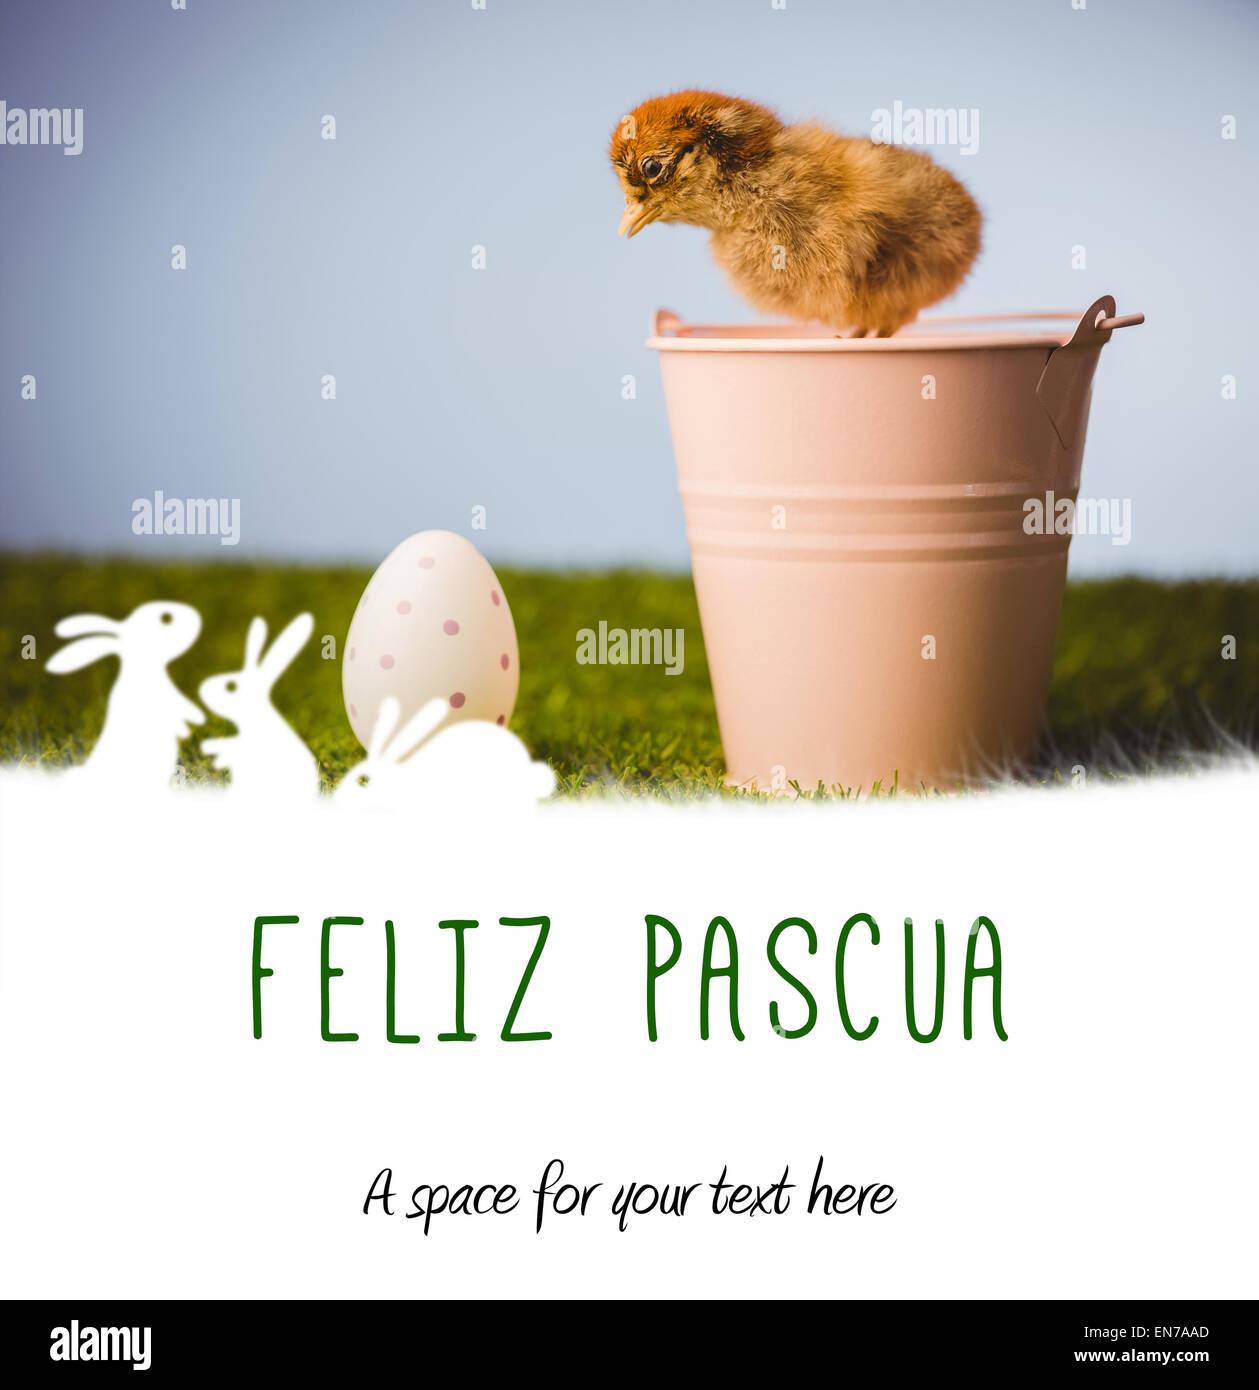 Imagen compuesta de feliz pasqua Imagen De Stock